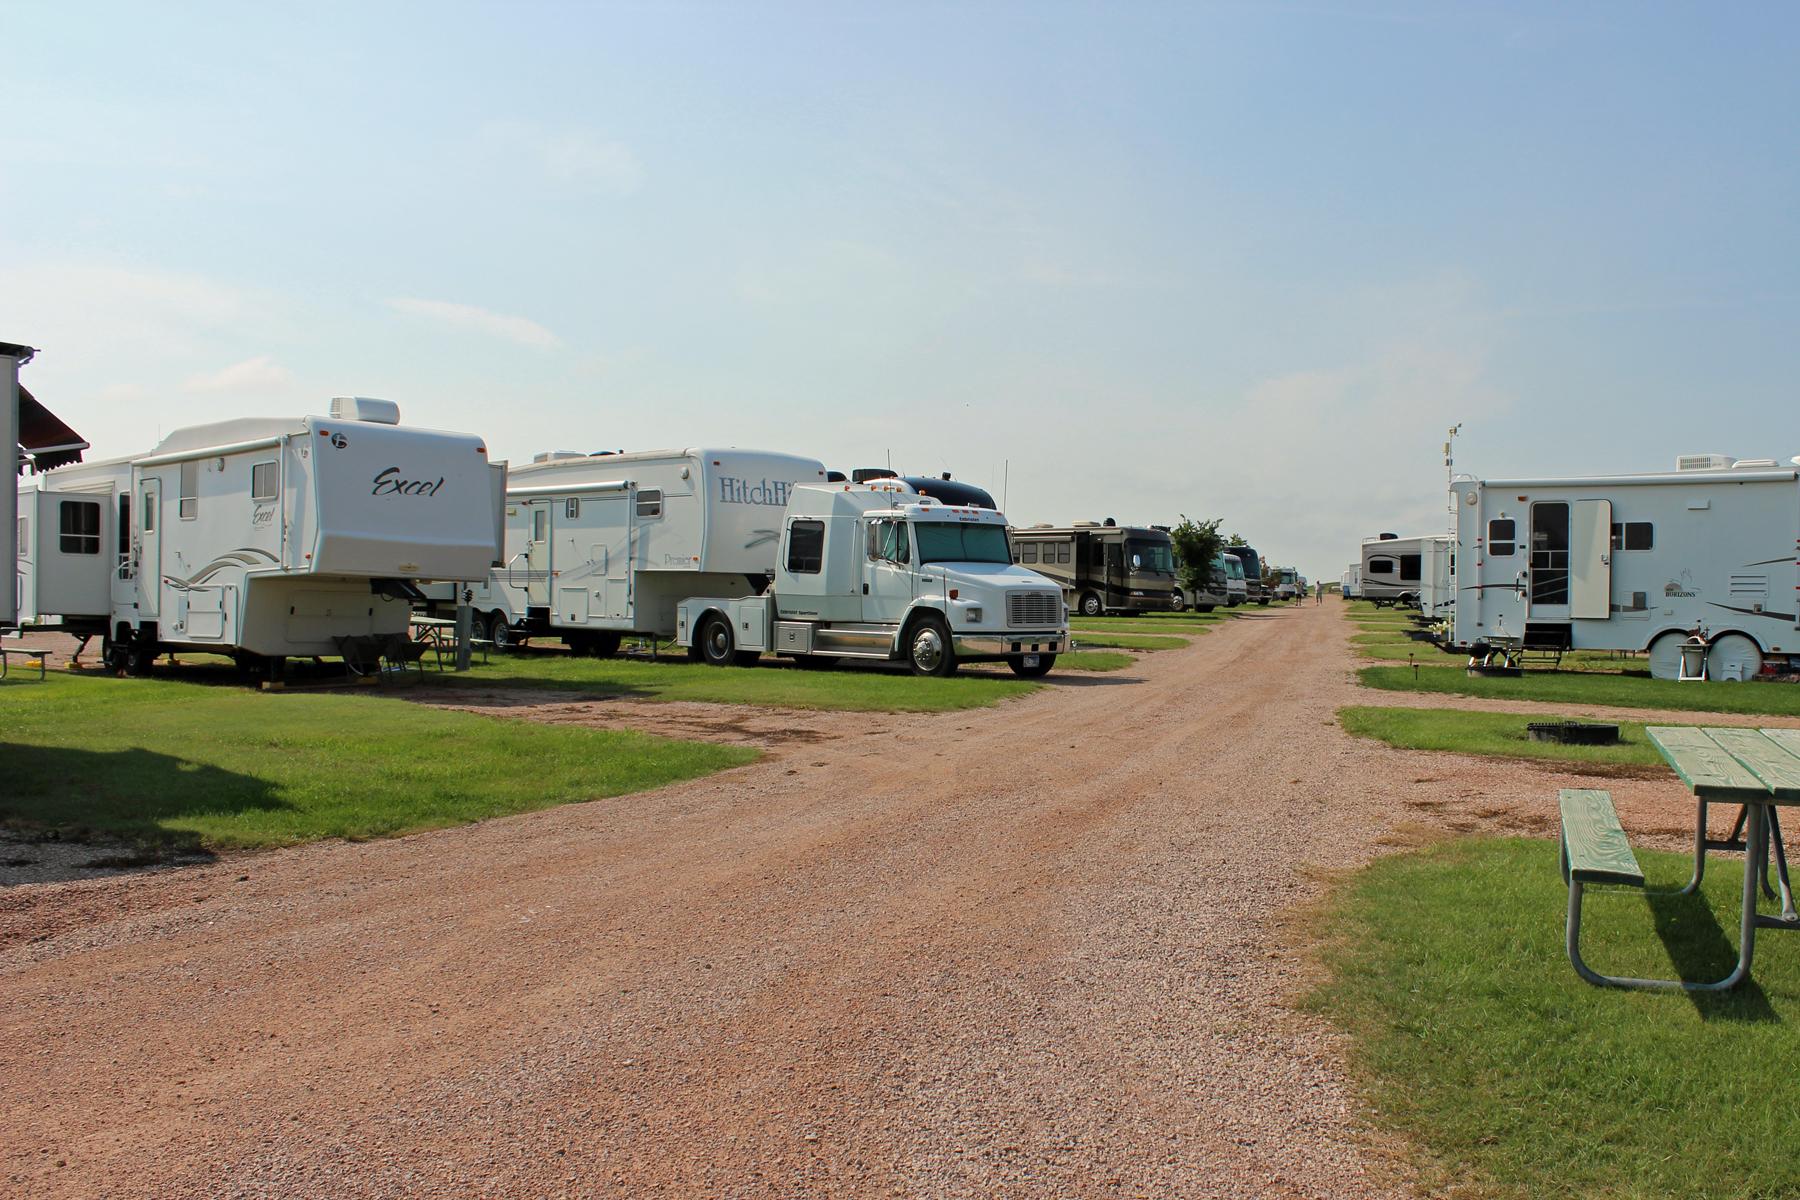 Heartland RV Park Hermosa South Dakota